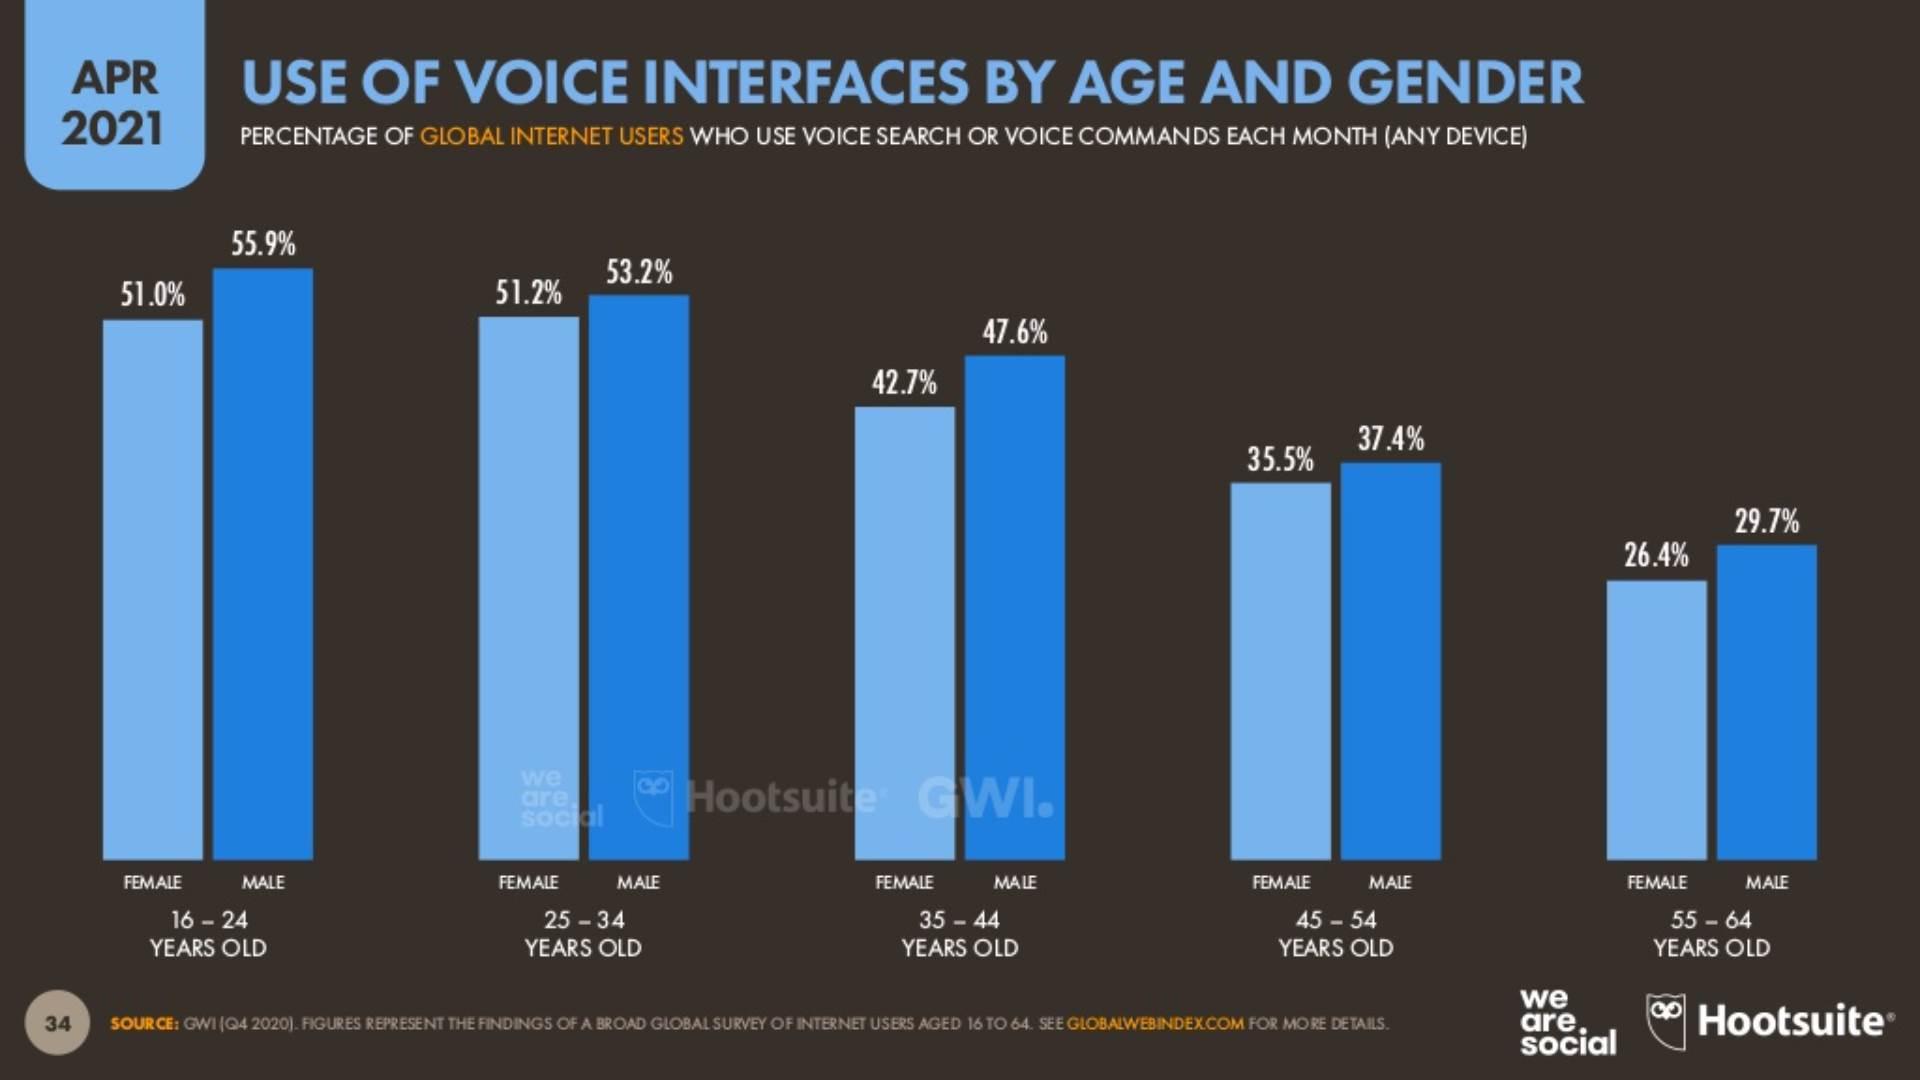 Korišćenje glasovnih komandi po godinama i polu